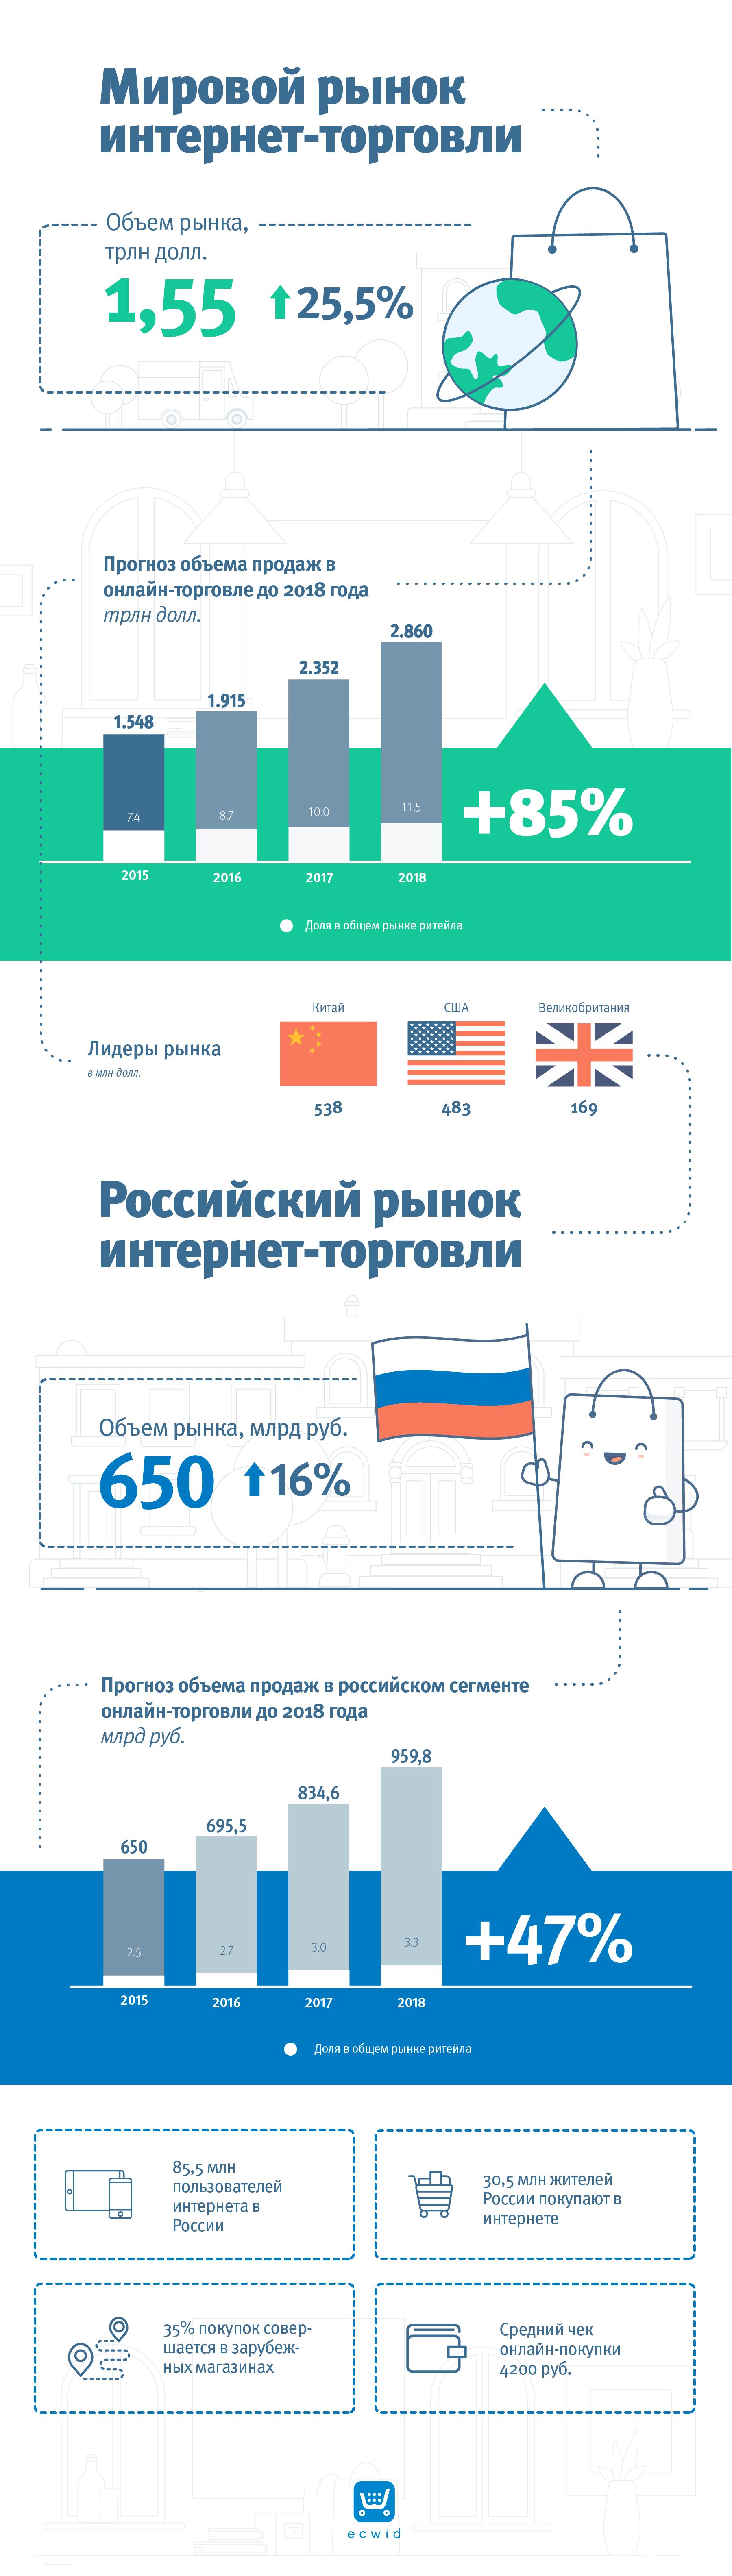 Статистика и прогноз рынка электронной торговли на 2017-2018 год в России и в мире